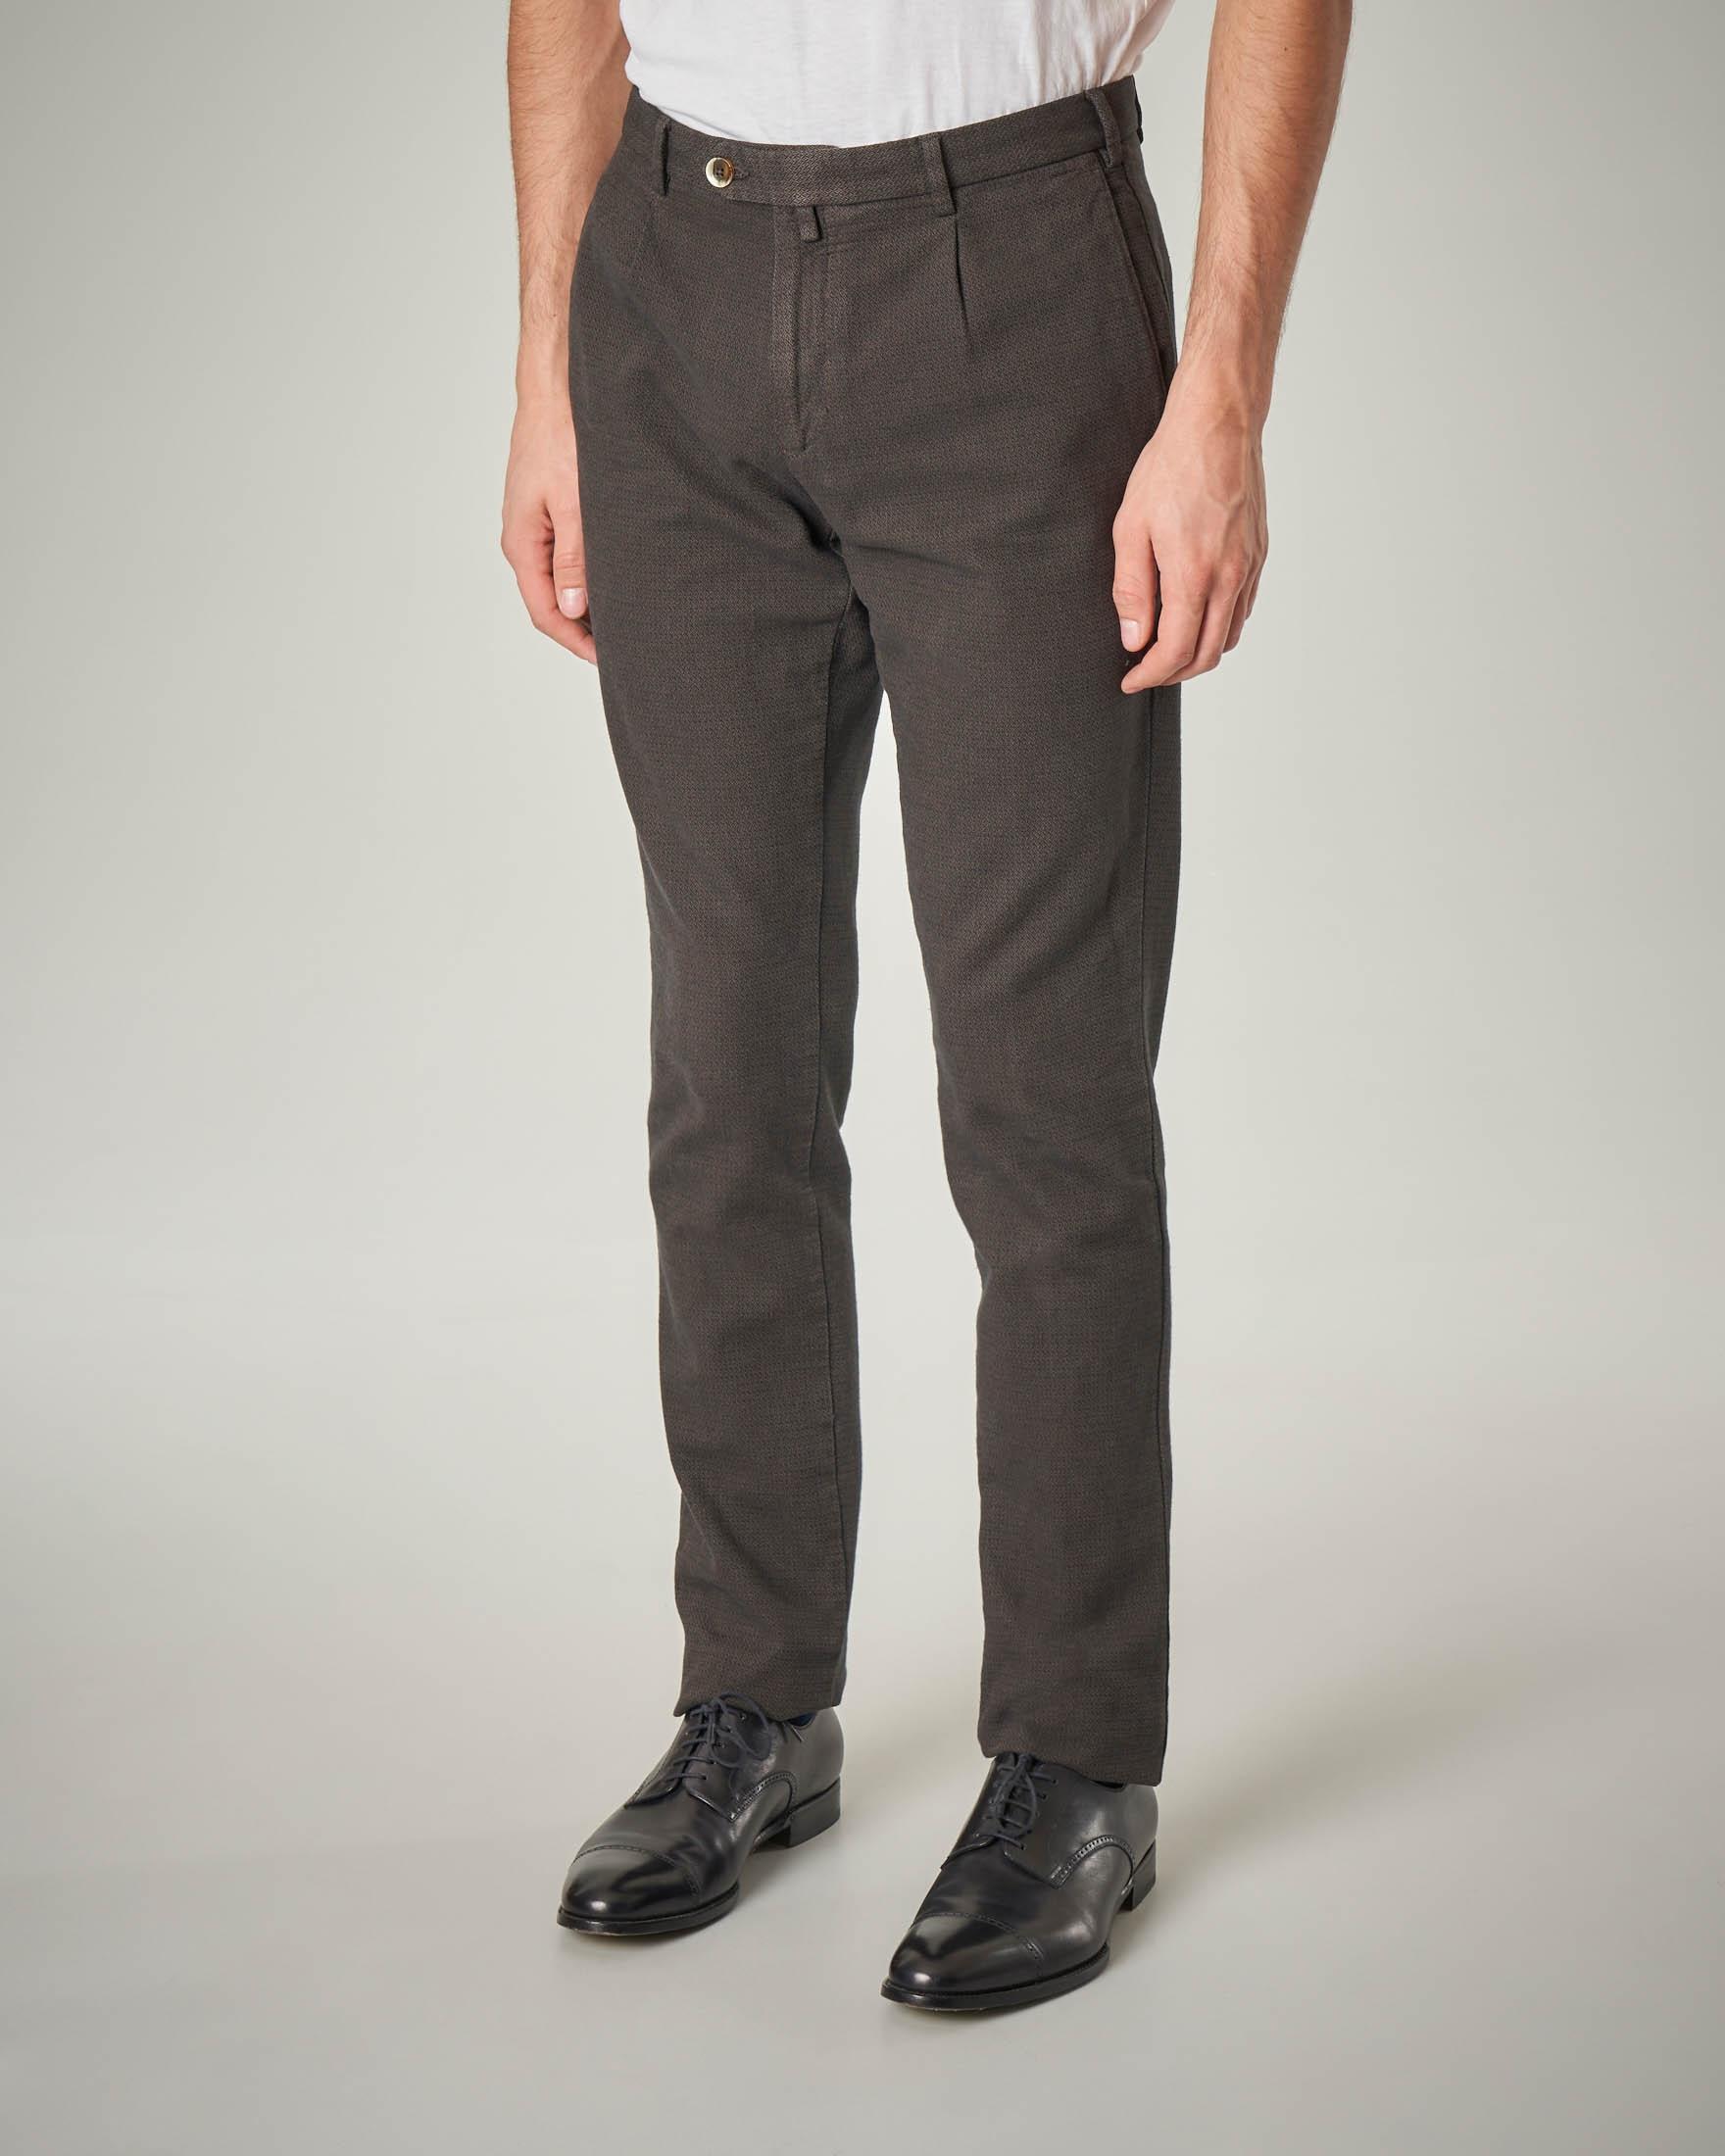 Pantalone chino marrone con una pinces